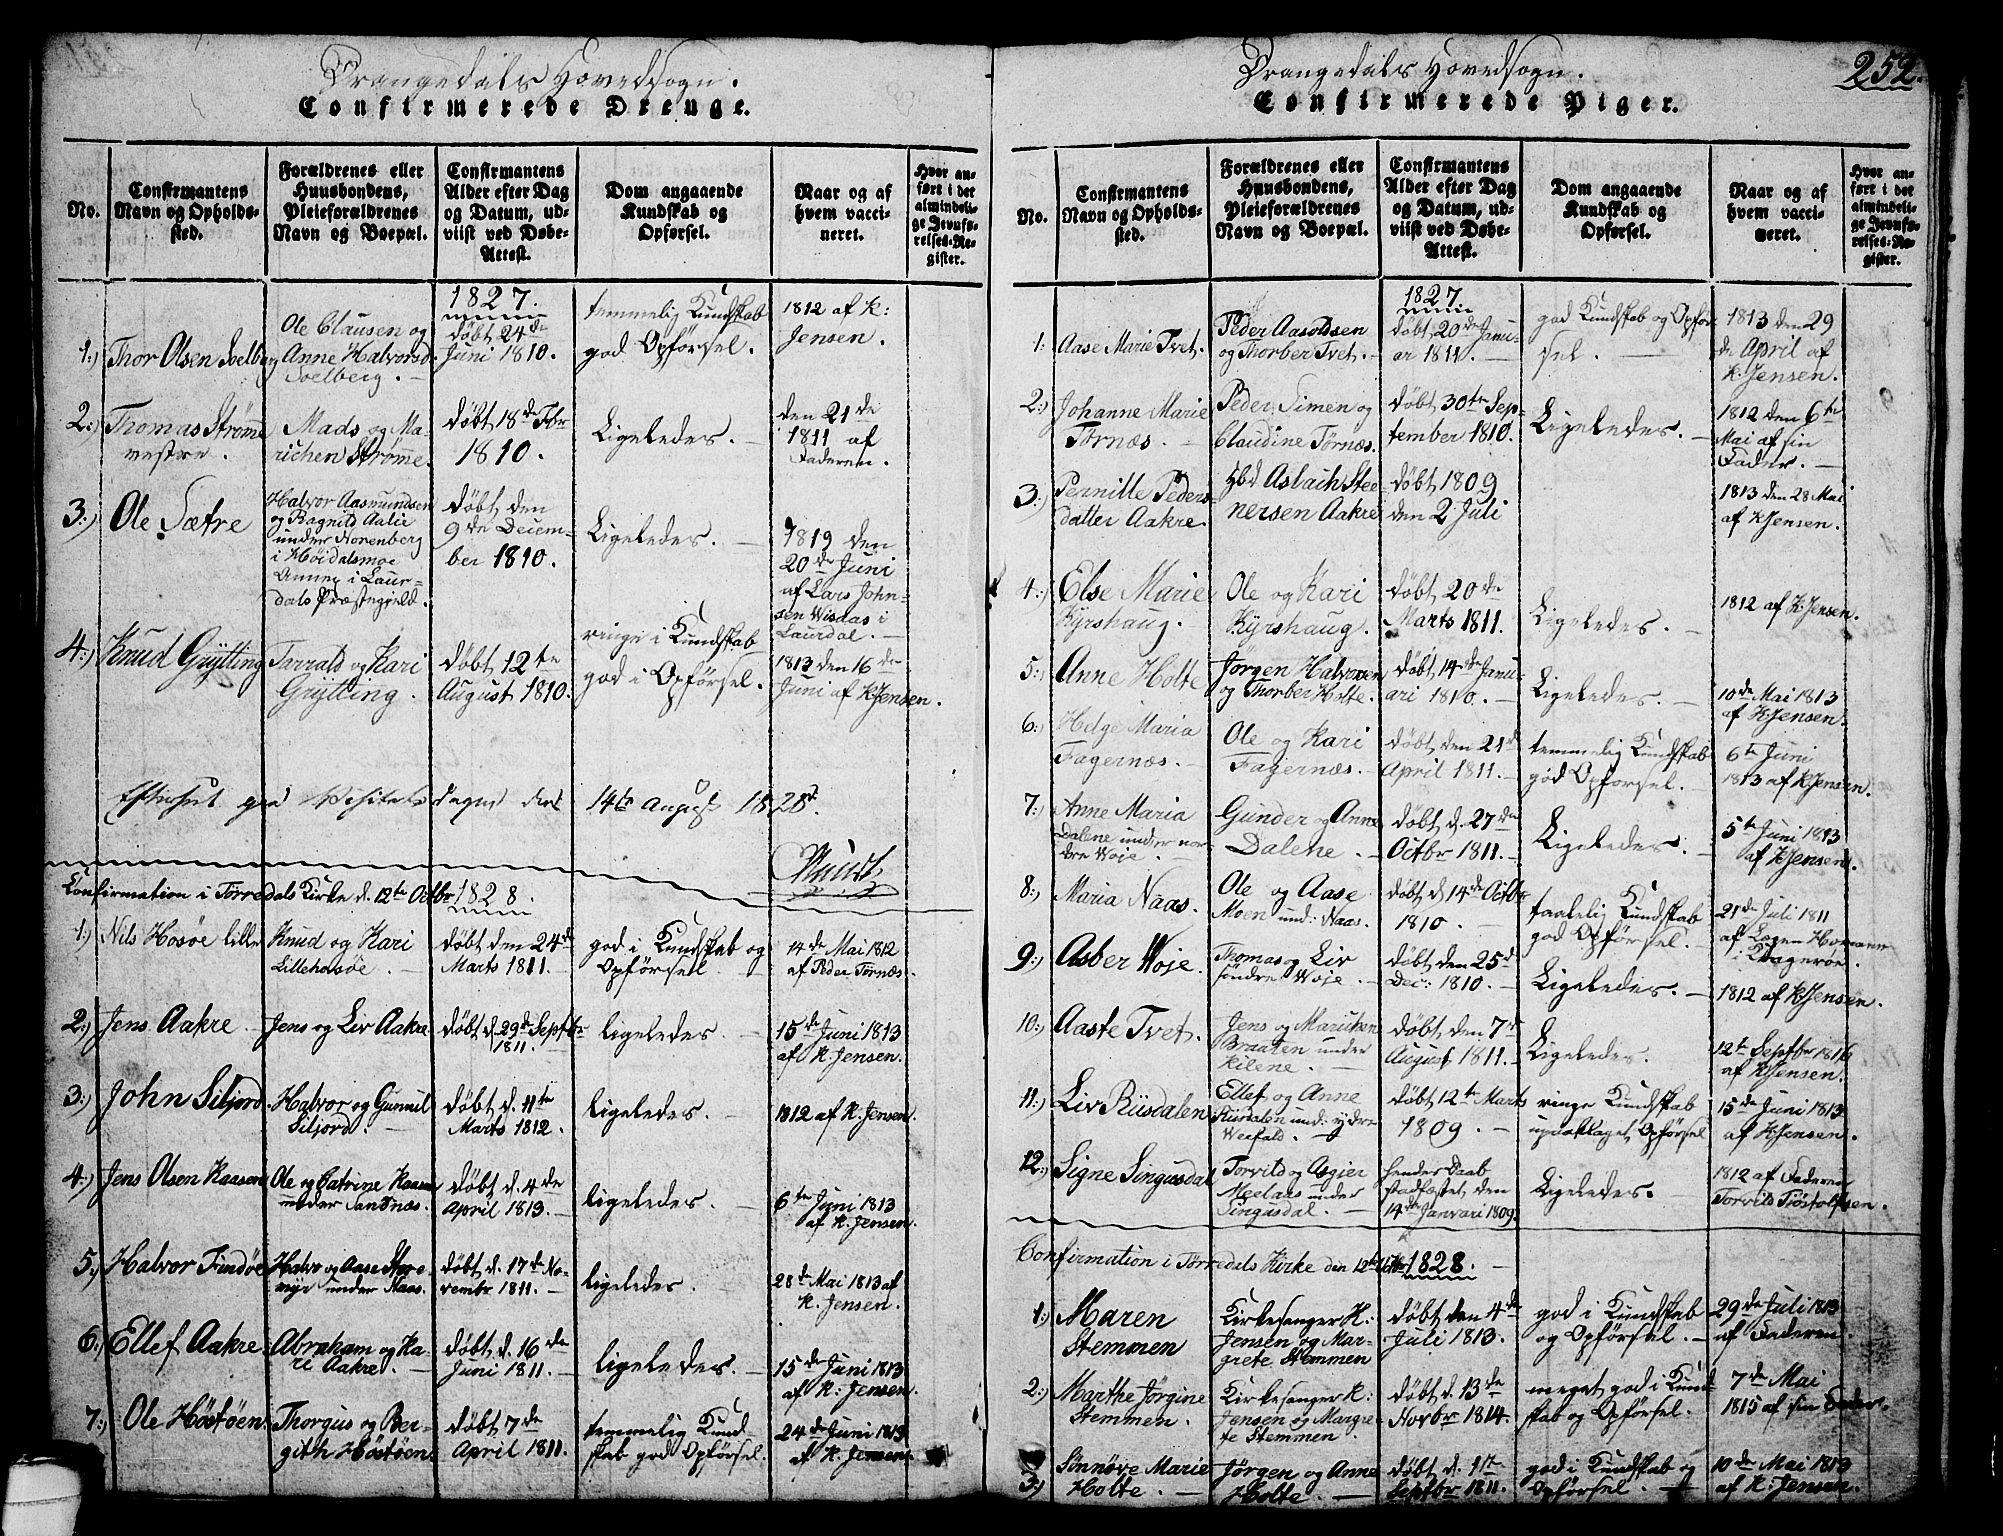 SAKO, Drangedal kirkebøker, G/Ga/L0001: Klokkerbok nr. I 1 /1, 1814-1856, s. 252